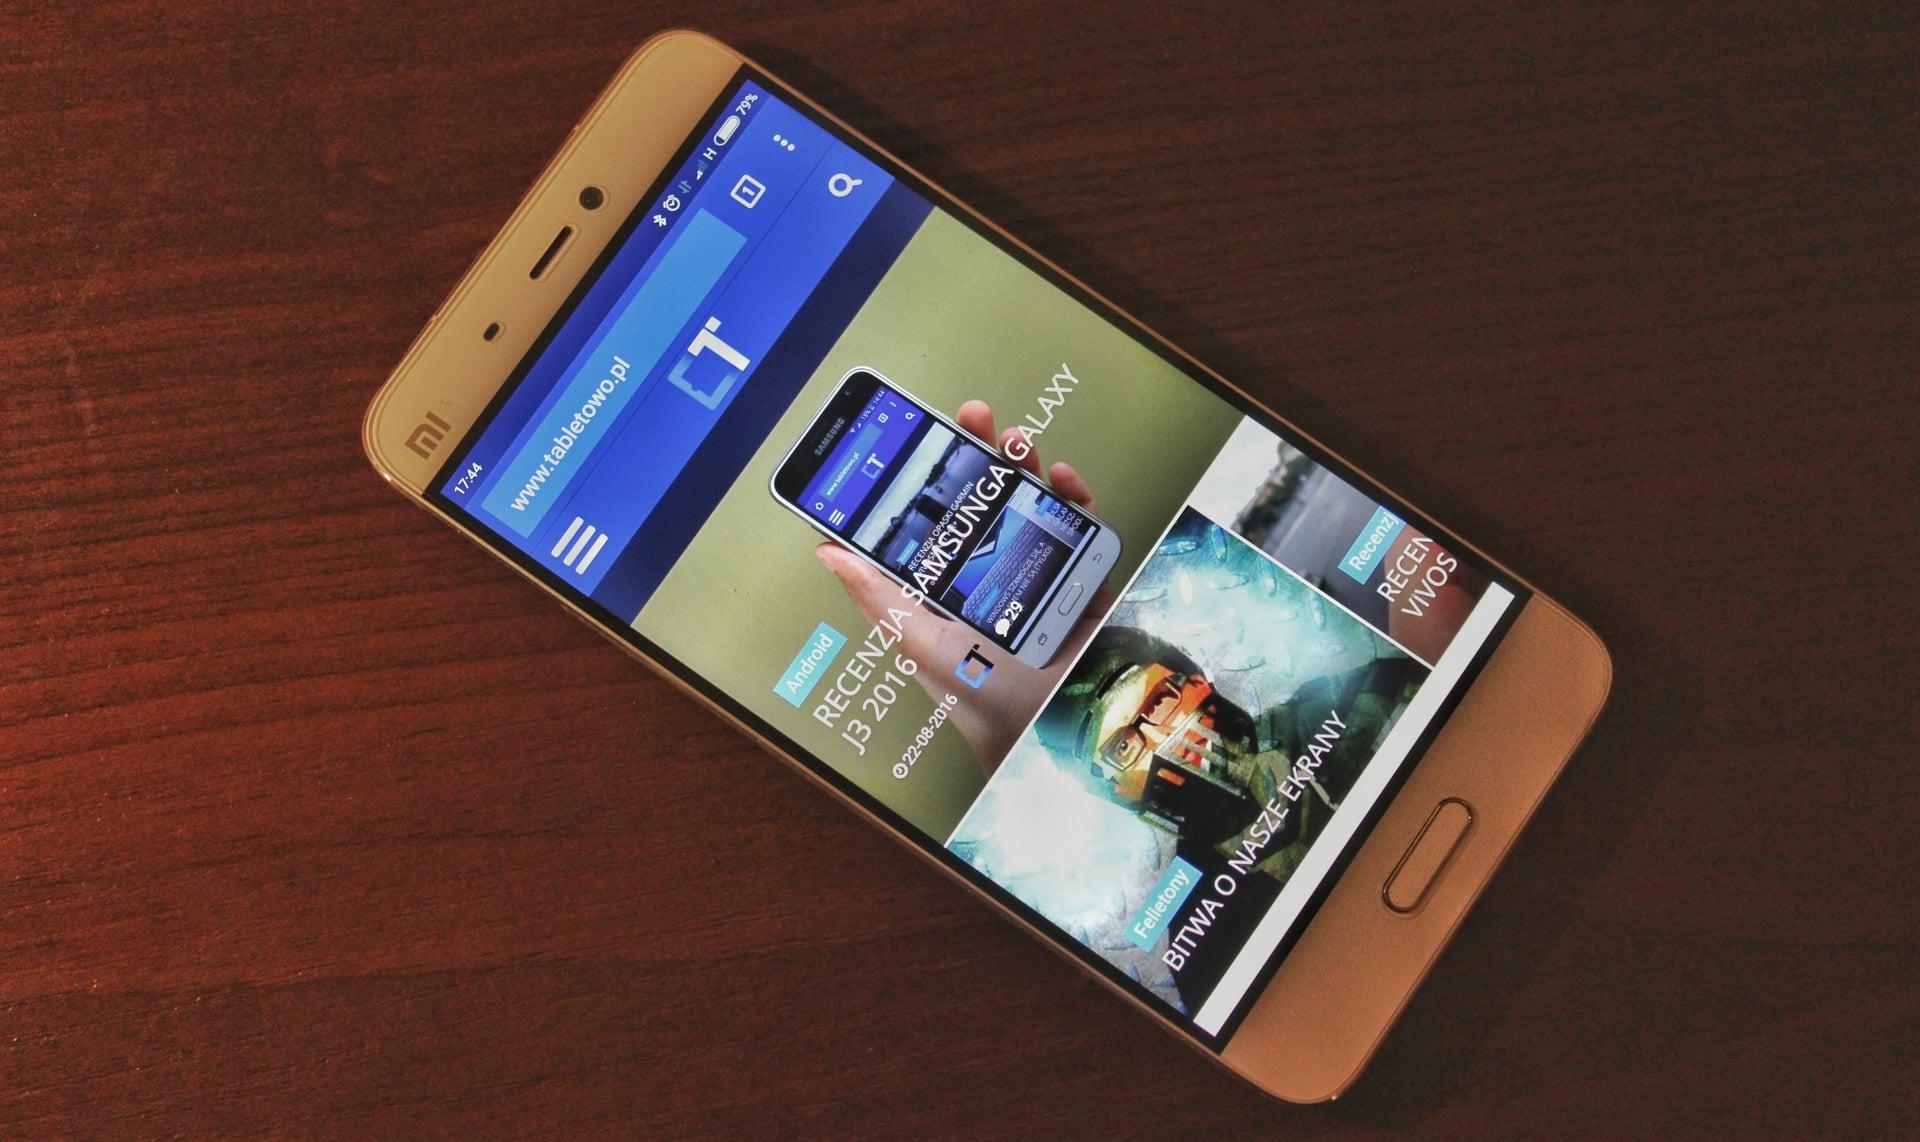 Obalamy mity, czyli dlaczego smartfon z Chin nie musi być złym wyborem 30